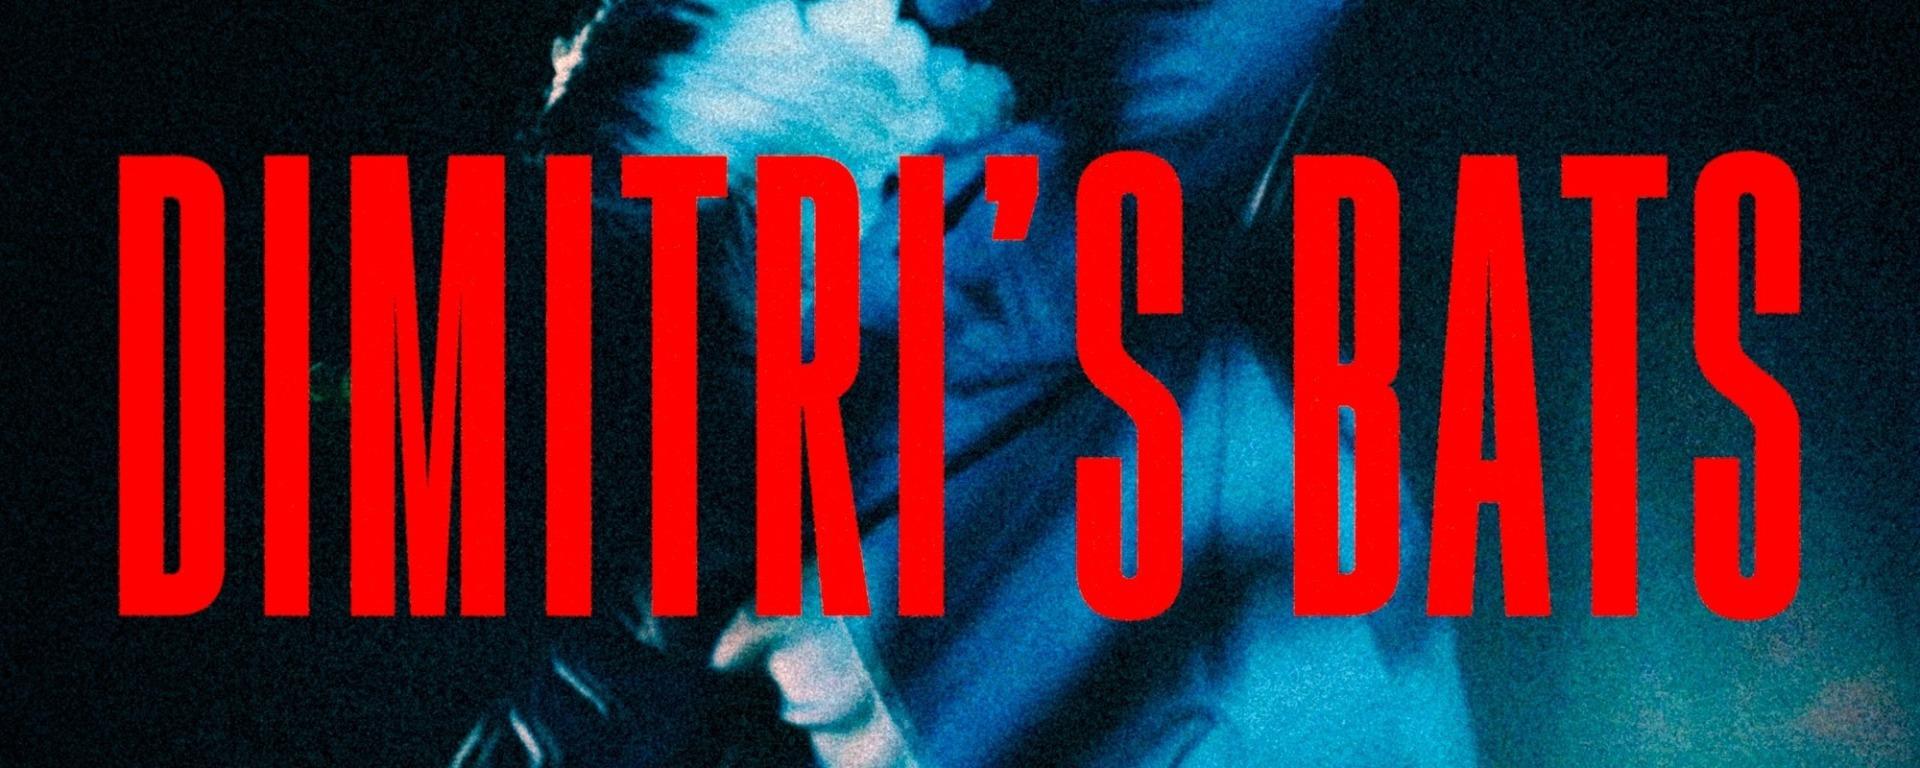 Bucureștenii de la Dimitri's Bats au lansat single-ul She. Trupa Dimitri's Bats este o trupă rock formată din 5 membri cu influențe de pop, hip-hop și electronic.